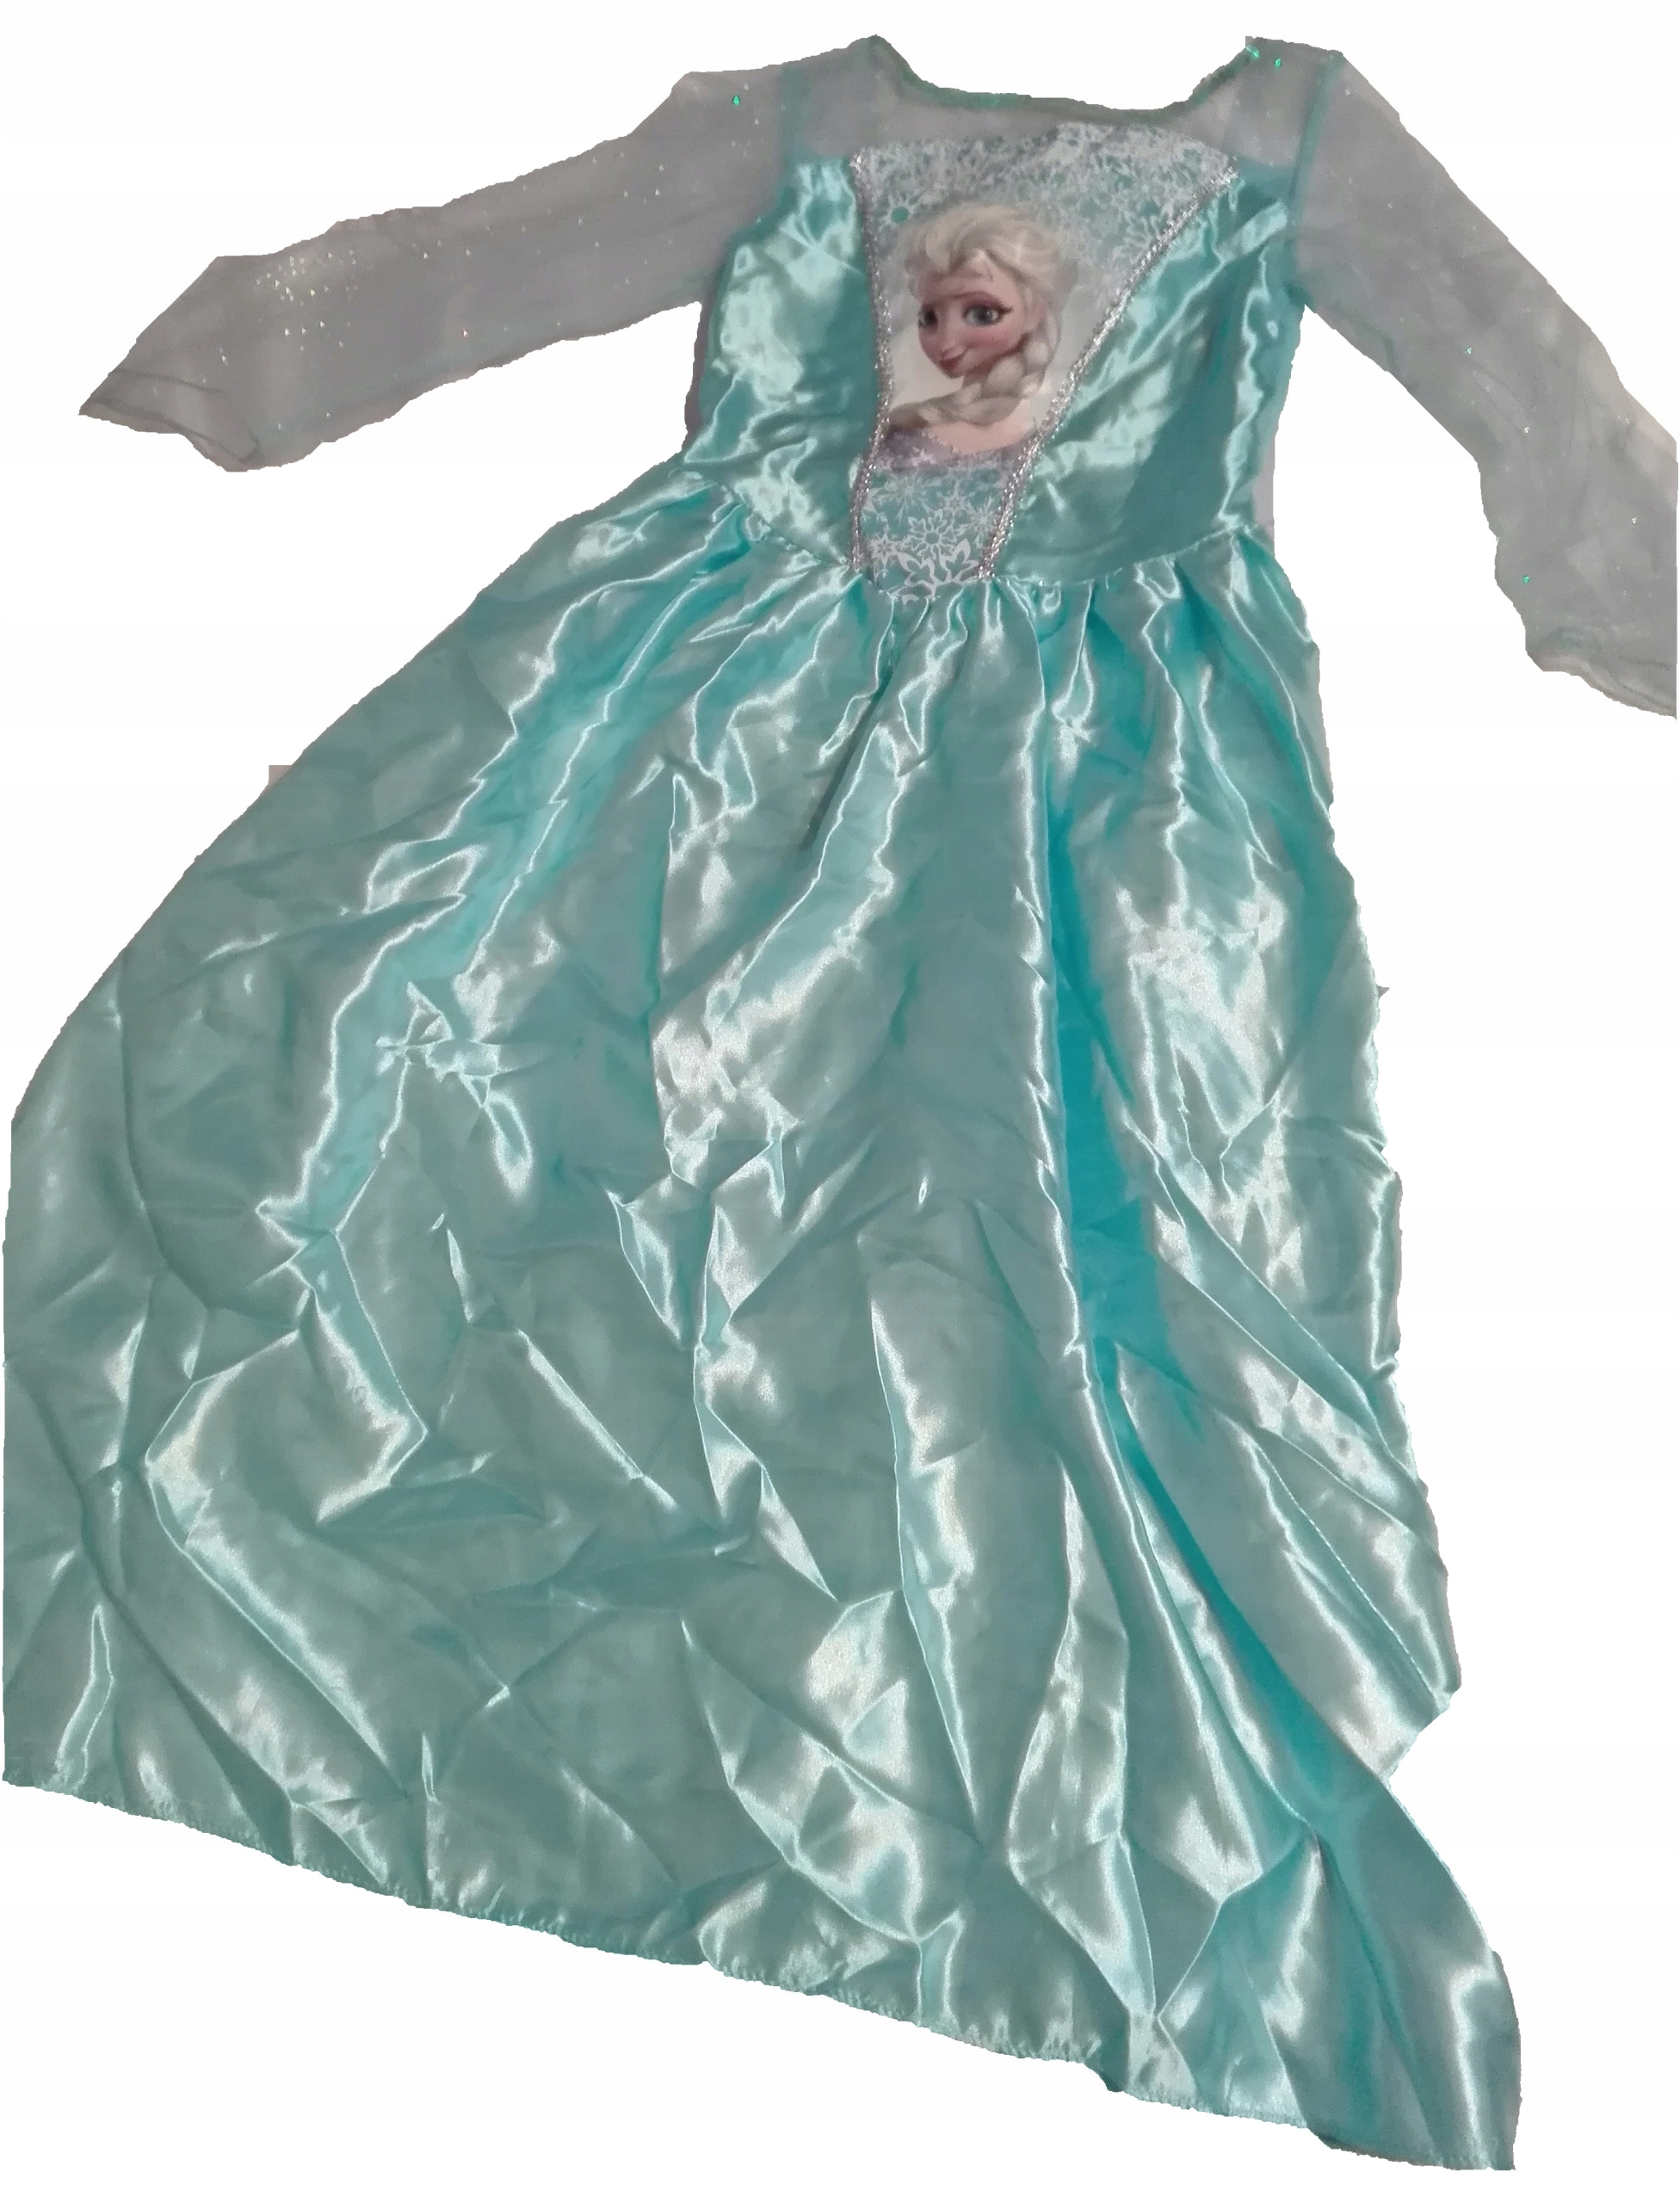 bc0f126b4d Strój Elza Kraina lodu 122-128 sukienka Przebranie - 7608493982 ...